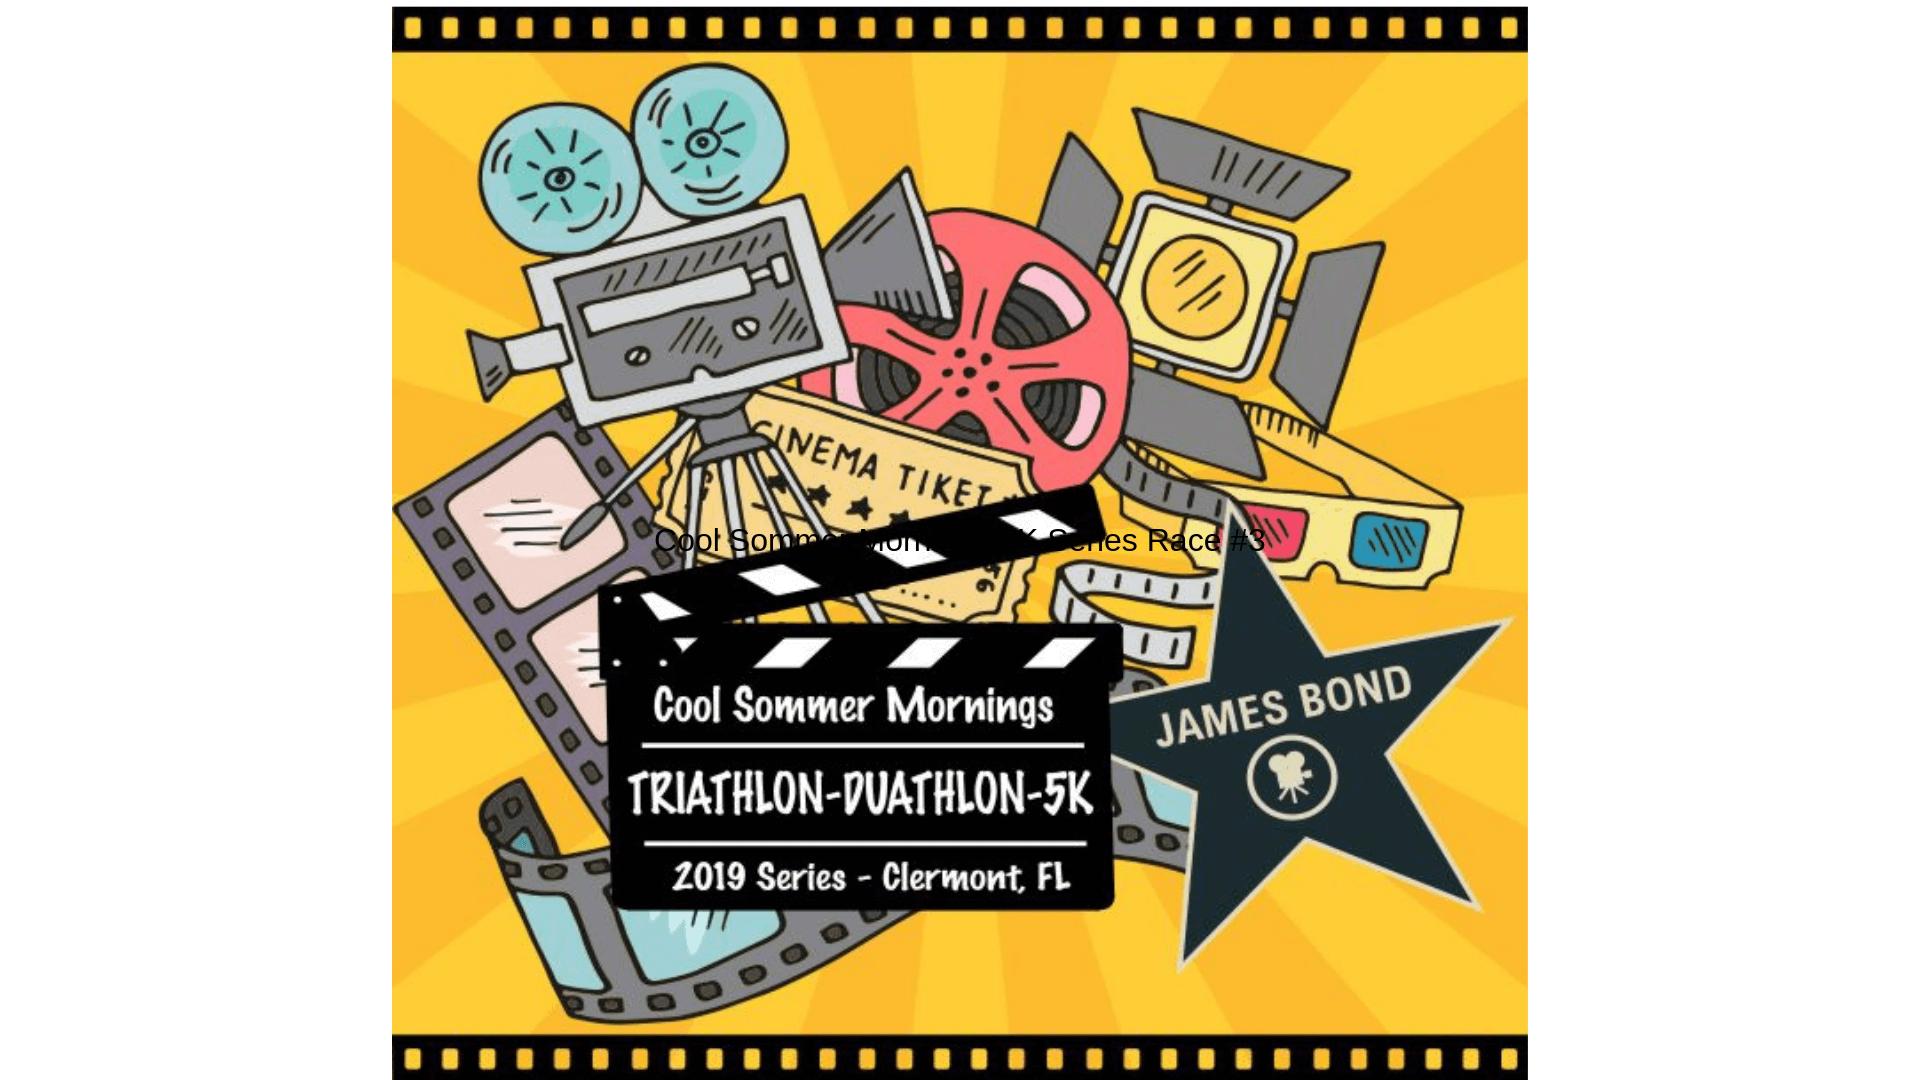 August 10 - Cool Sommer Mornings 5K Series Race #3